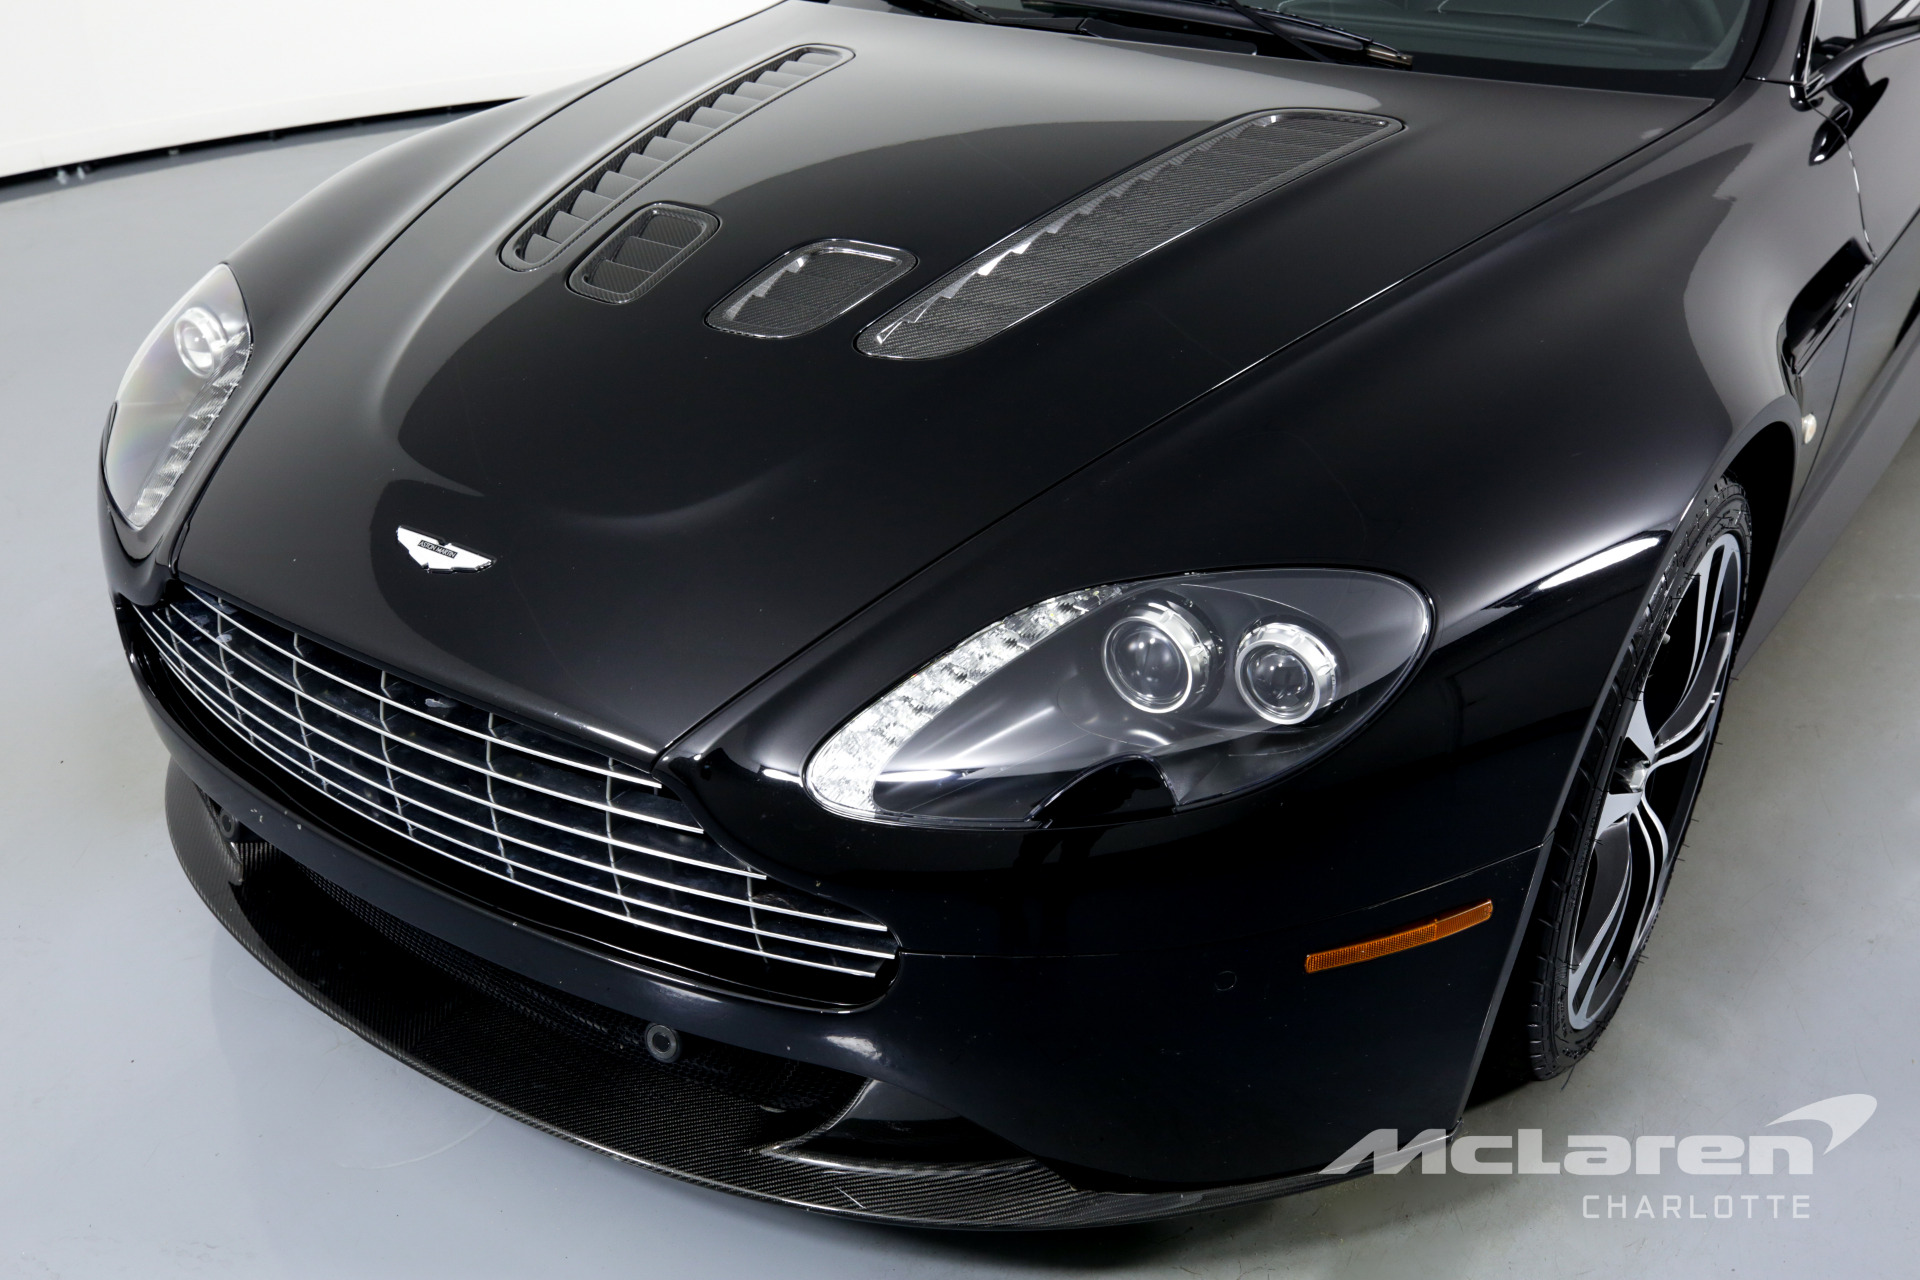 Used 2011 Aston Martin V12 Vantage  | Charlotte, NC